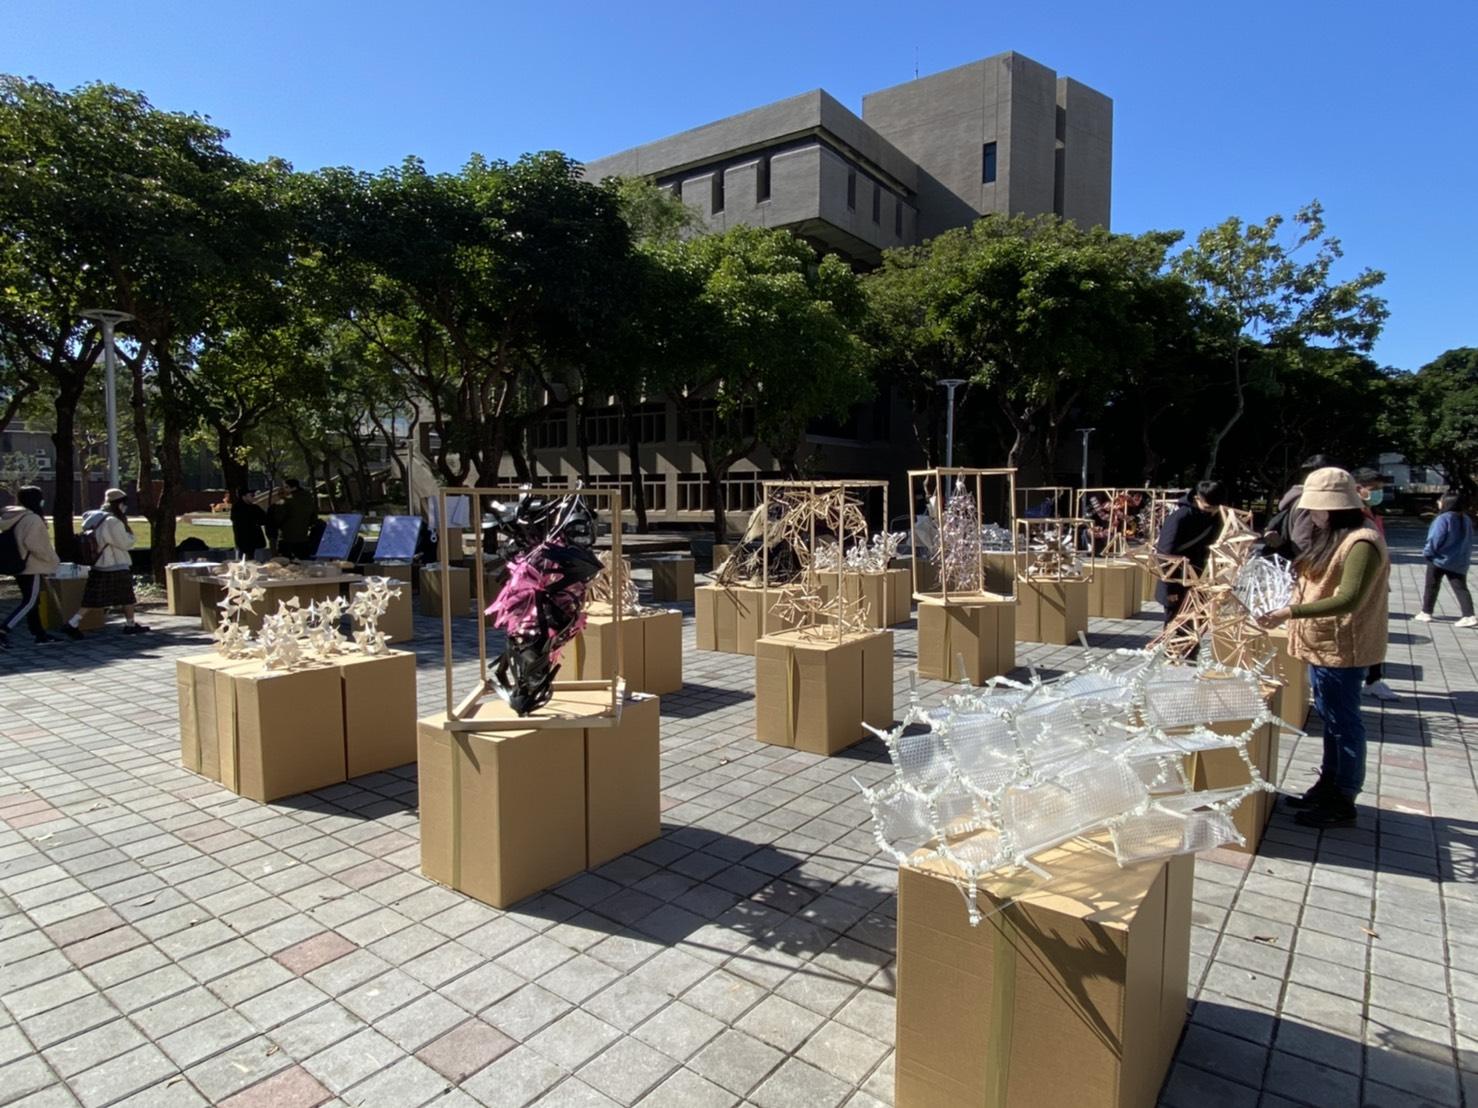 中原大學建築系大一新生於期末舉辦快閃展覽,吸睛不少關注目光.jpg